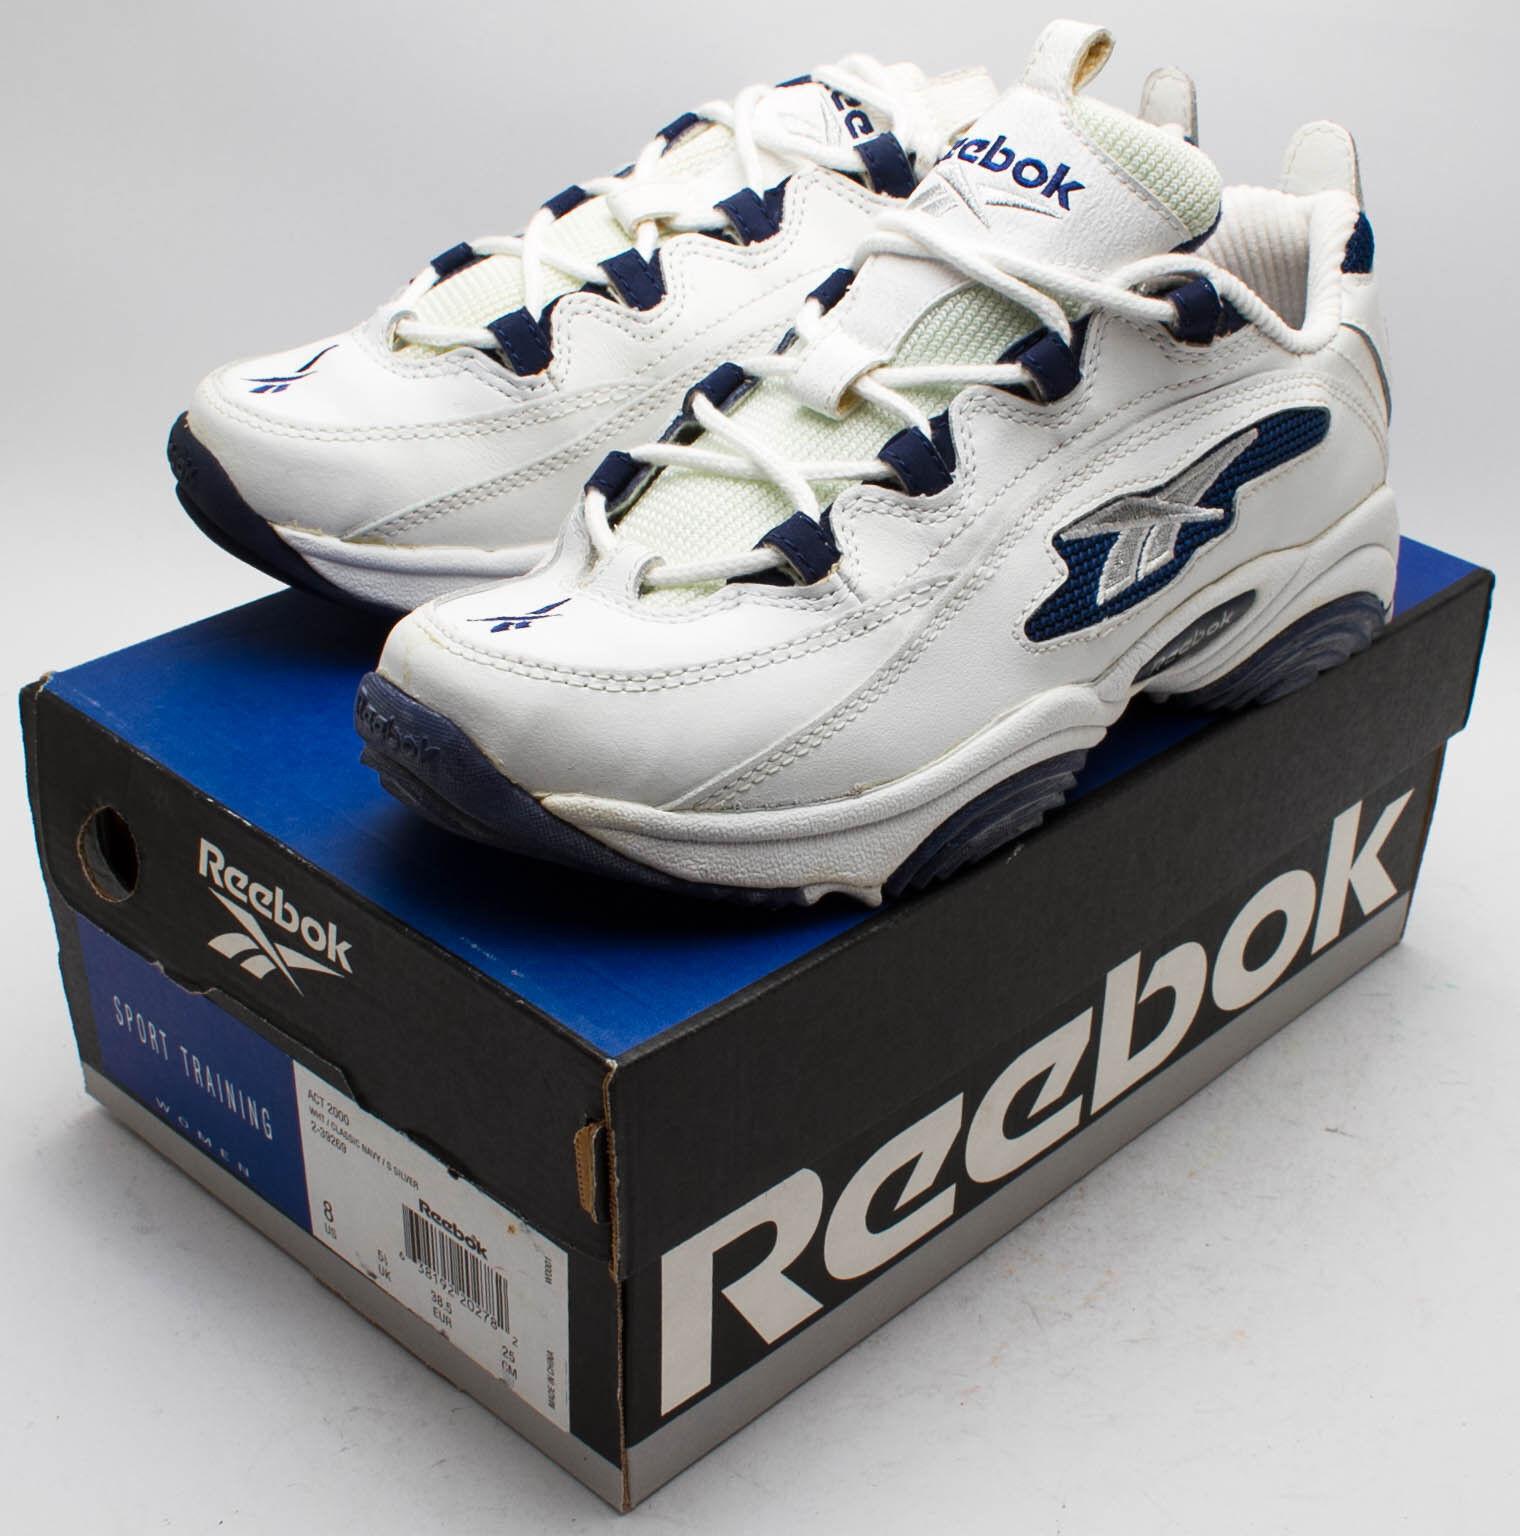 Reebok Women's Vintage 1990's Act 2000 Shoe 2-39269 White/Navy sz. 8